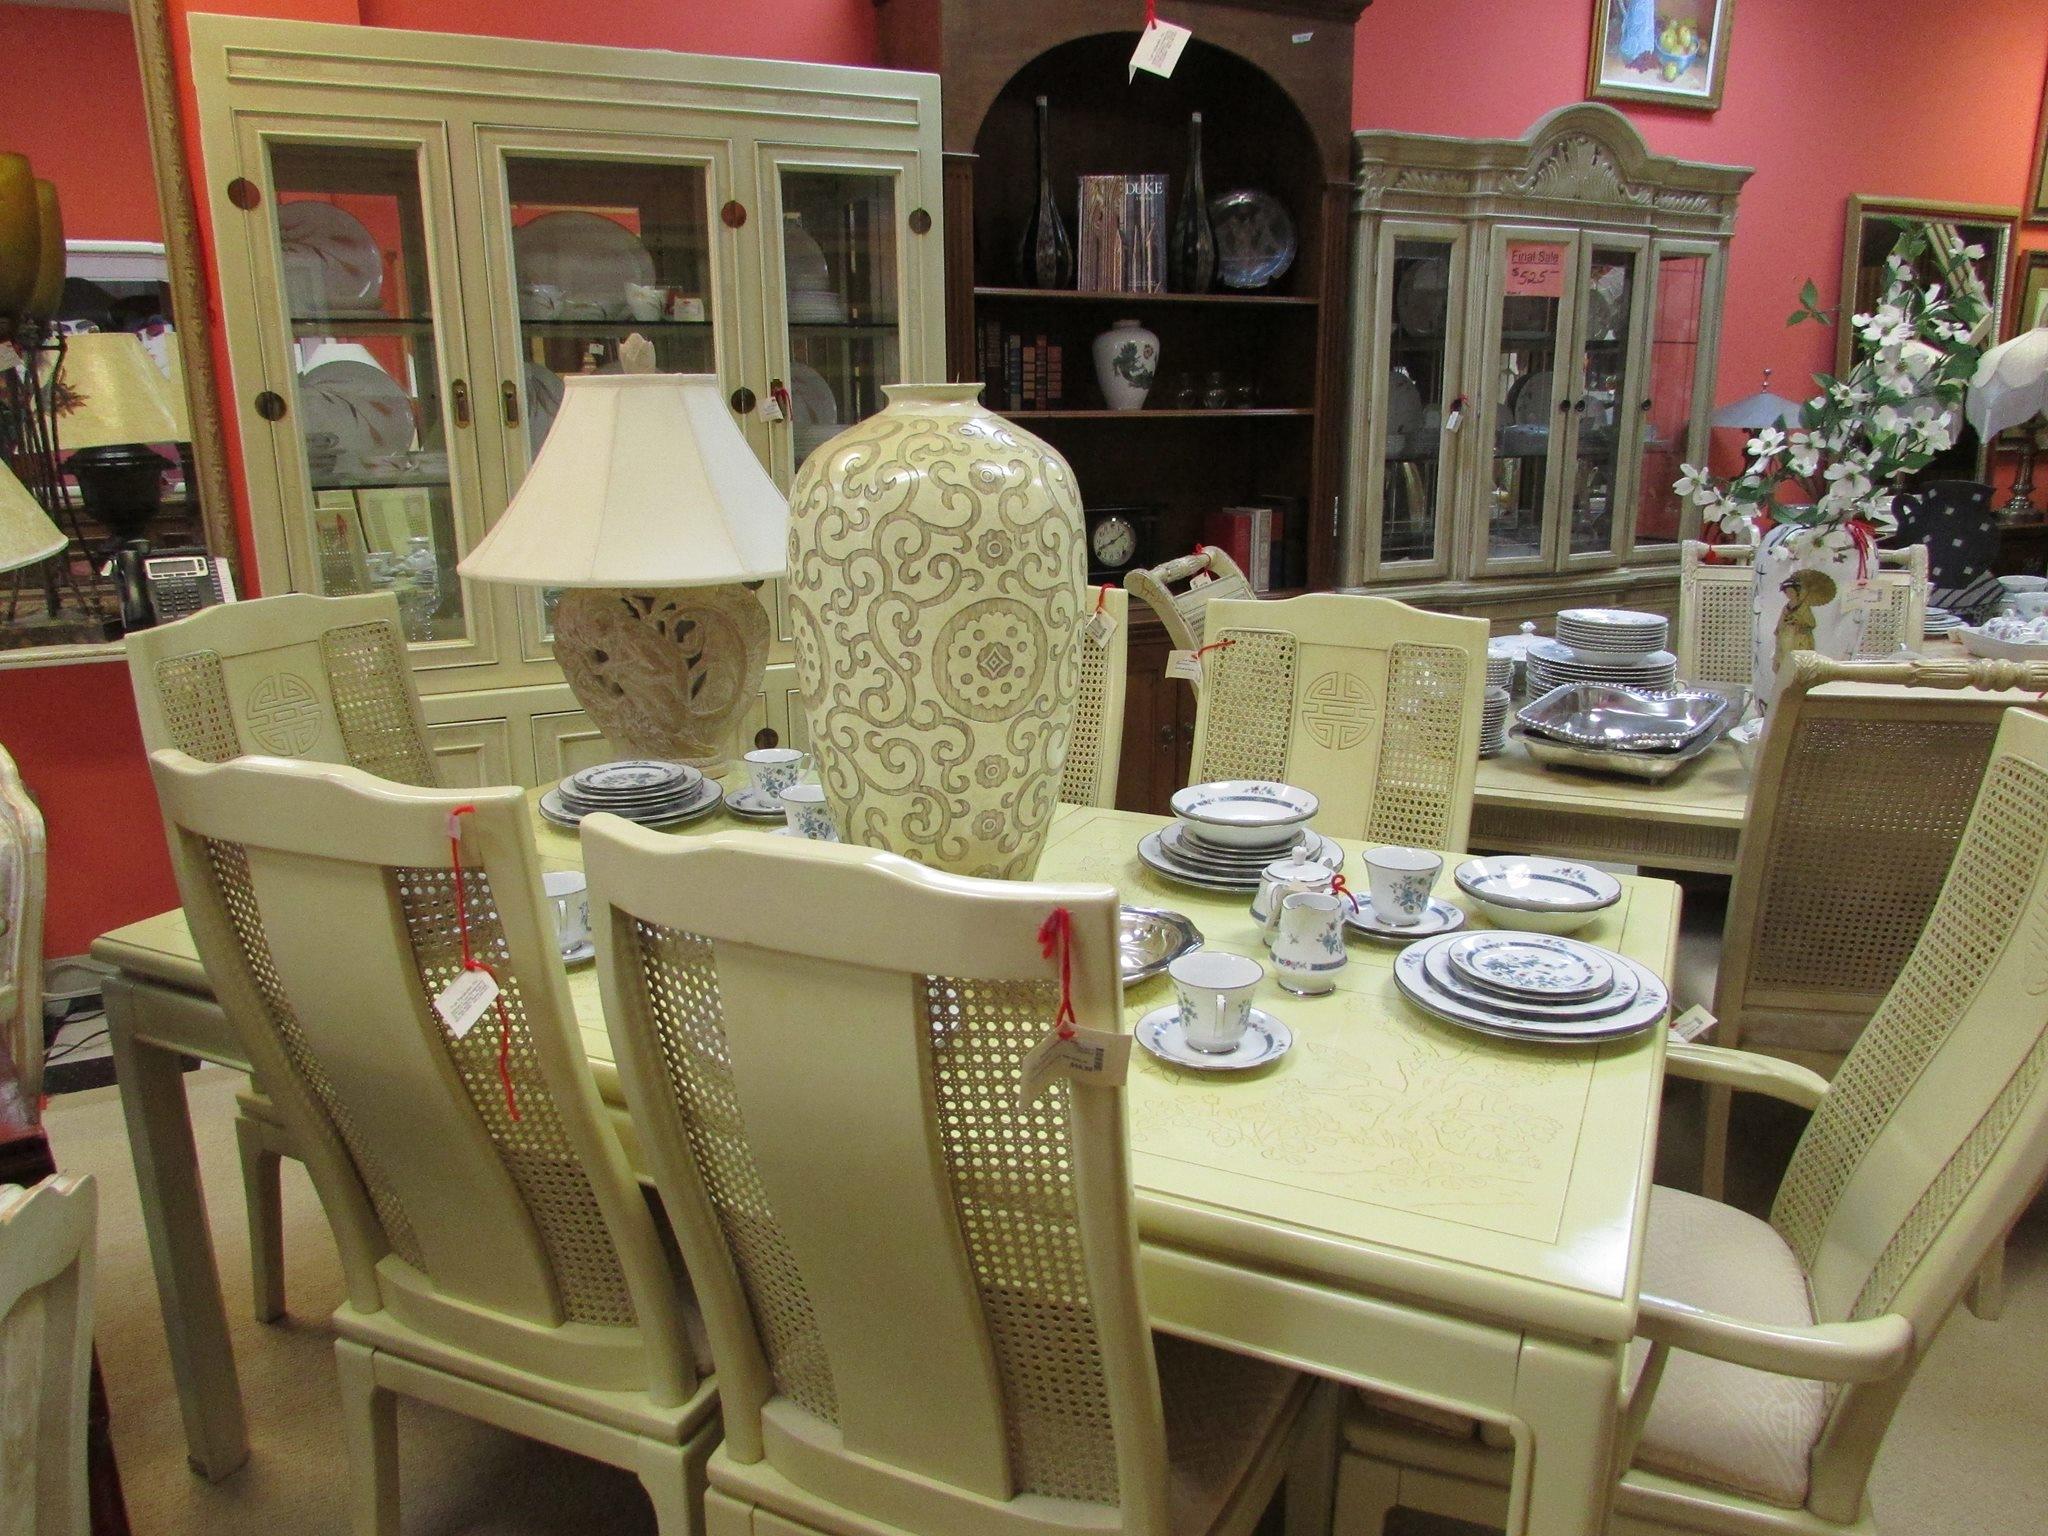 True Treasures Consigned Furniture Home Decor Antique Store Palm Beach Gardens Fl 33403